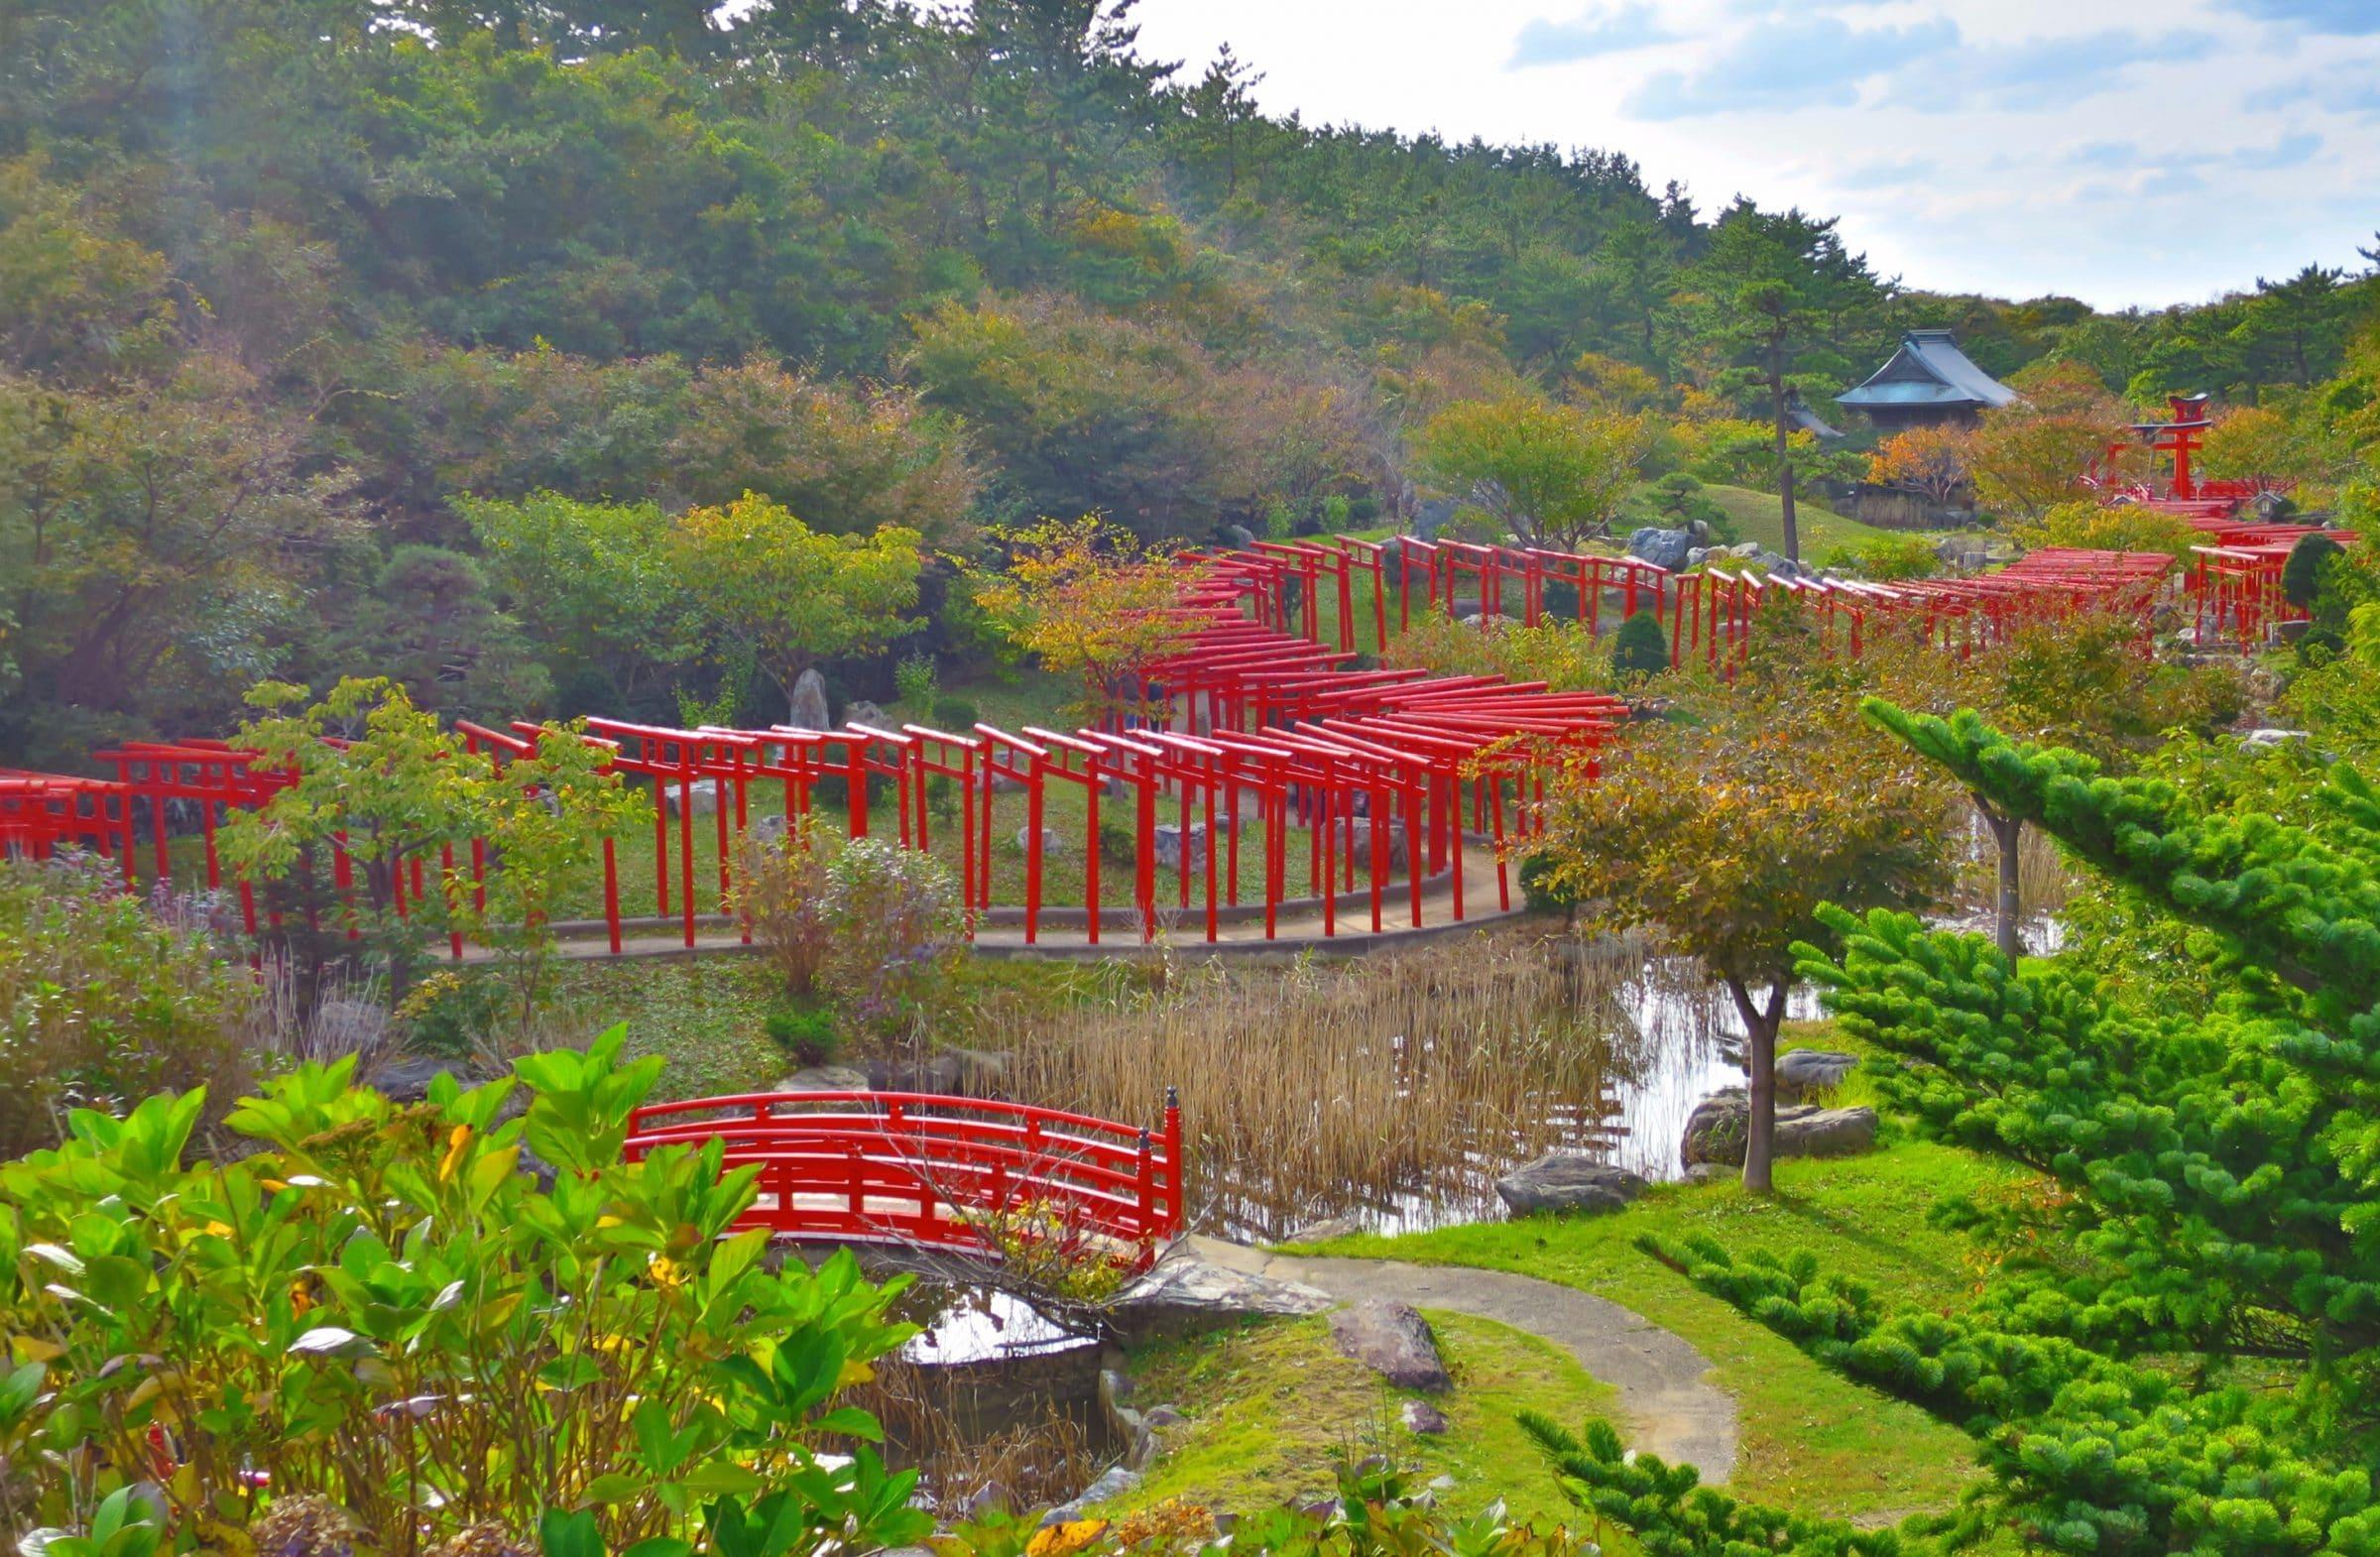 【景點推薦】青森私房景點!高山稻荷神社:日式庭園x千本鳥居